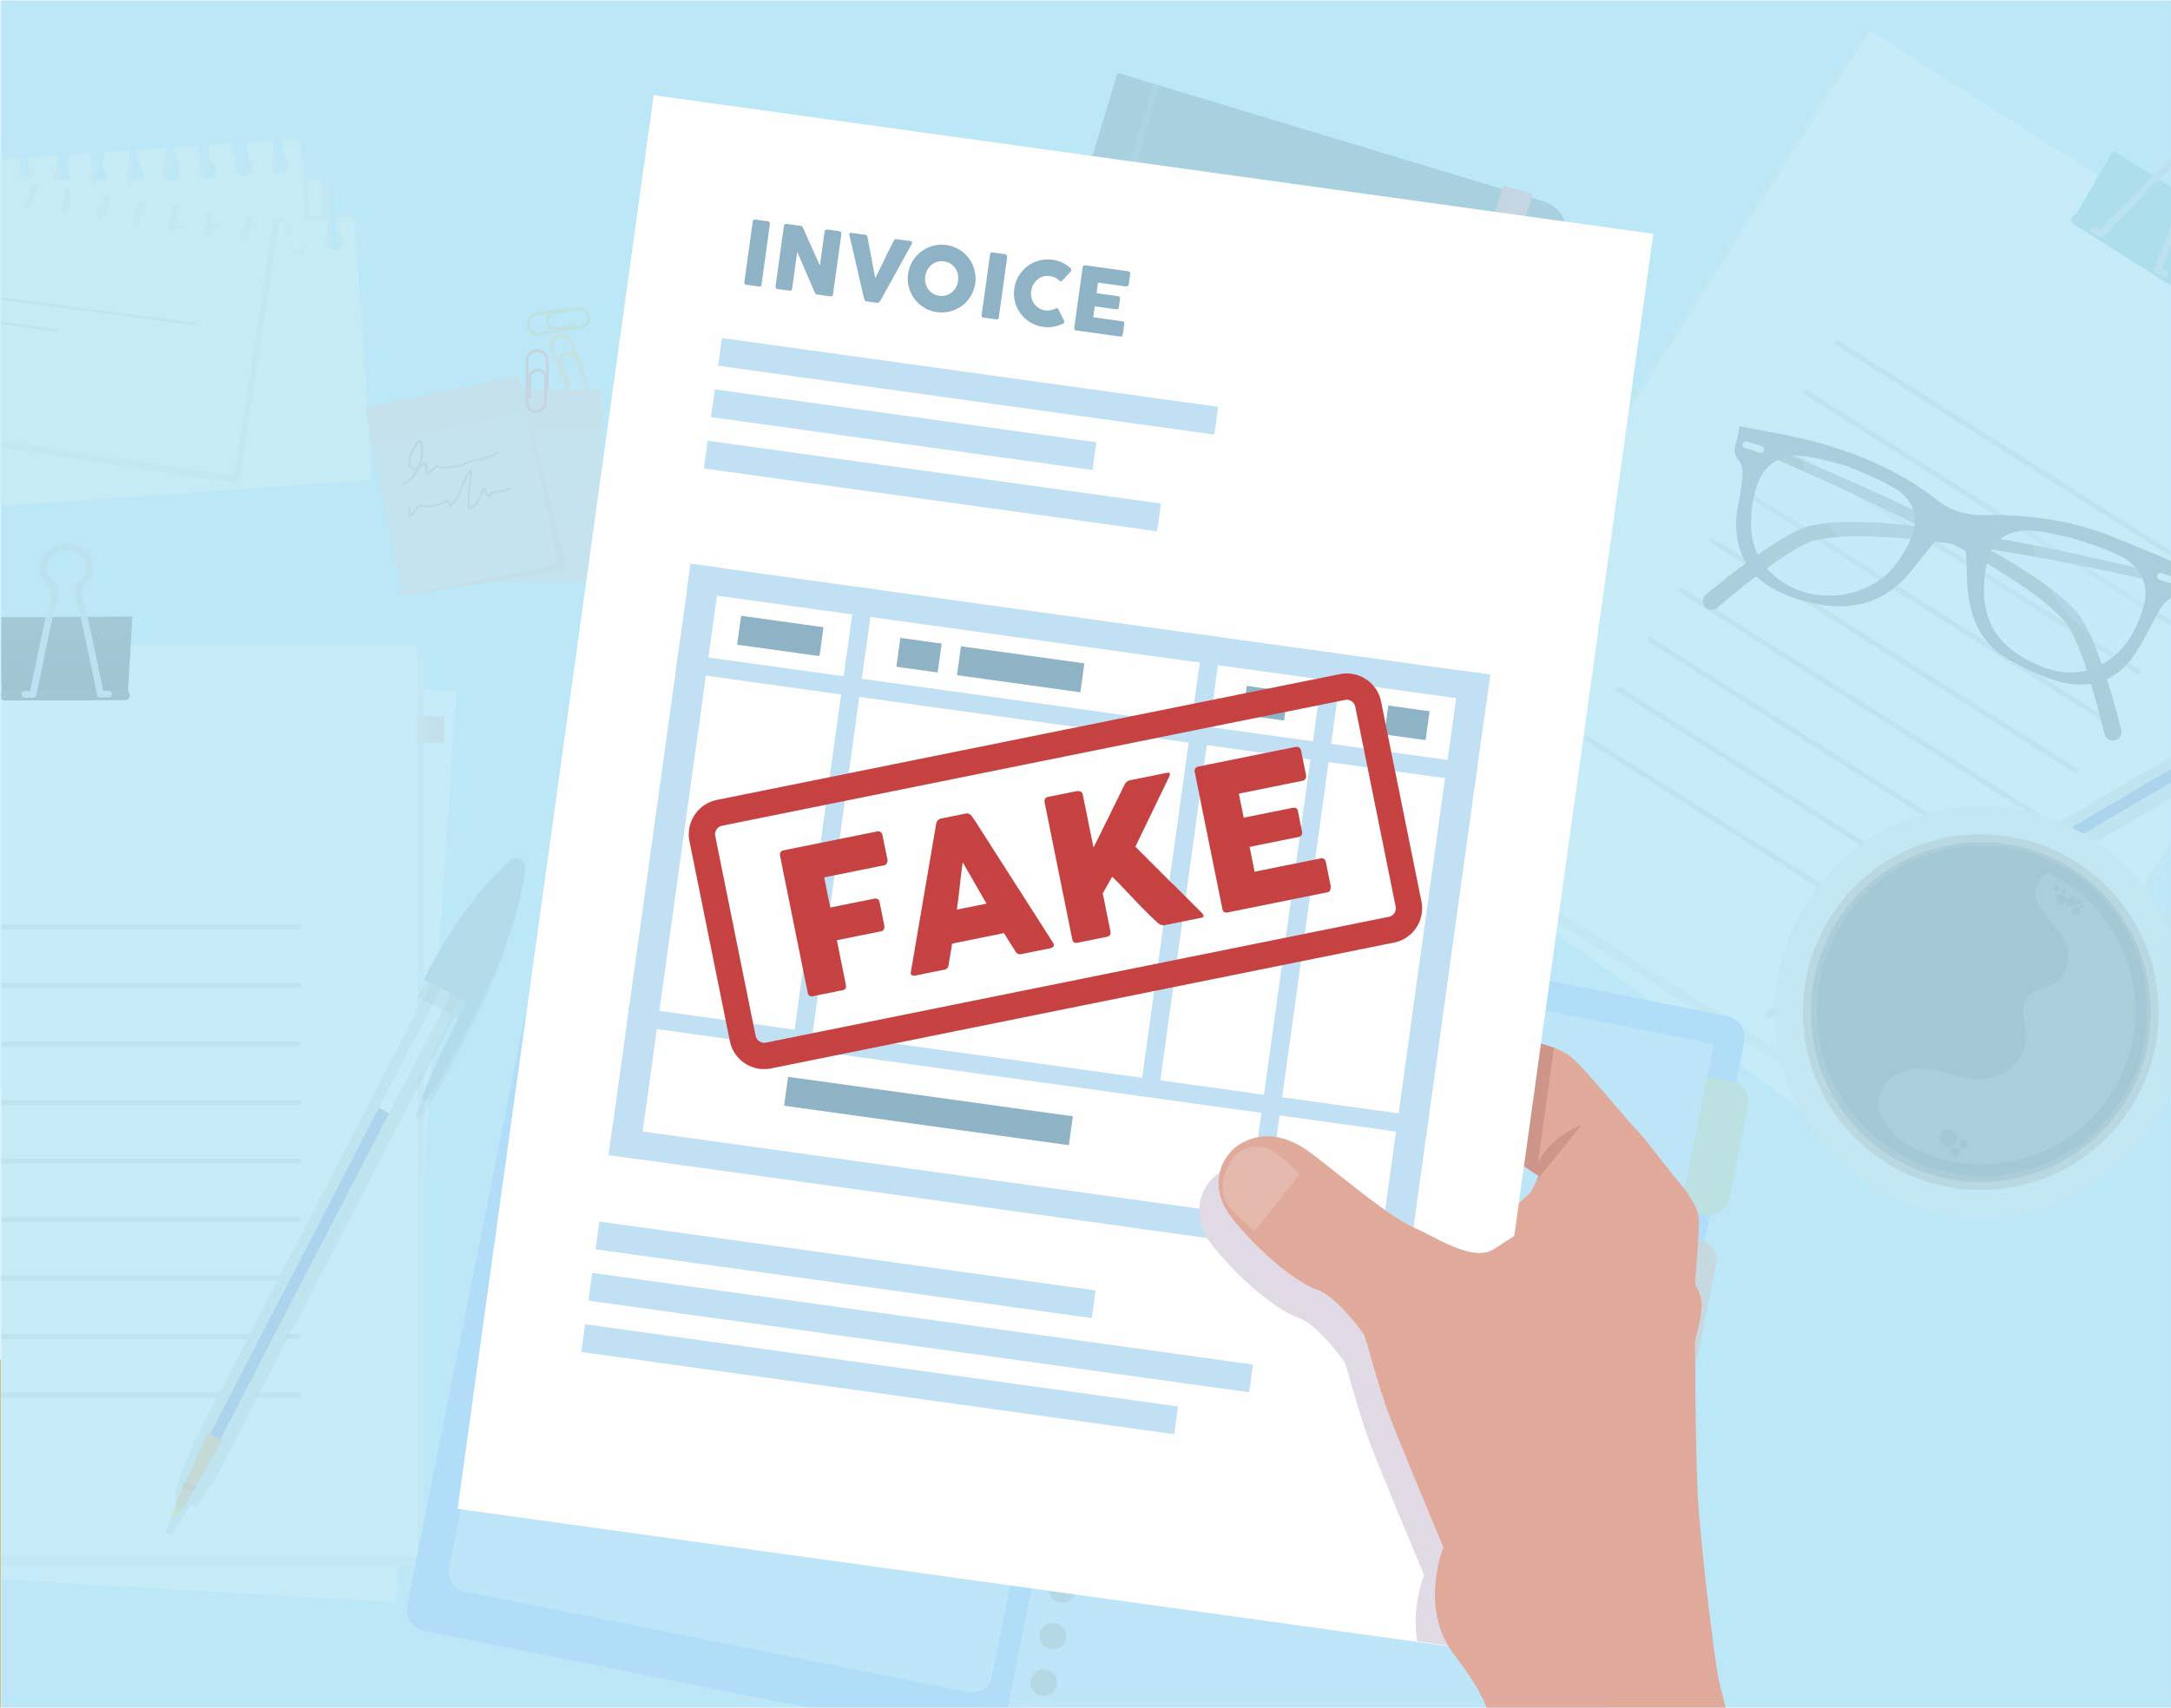 Fake Invoice Attacks